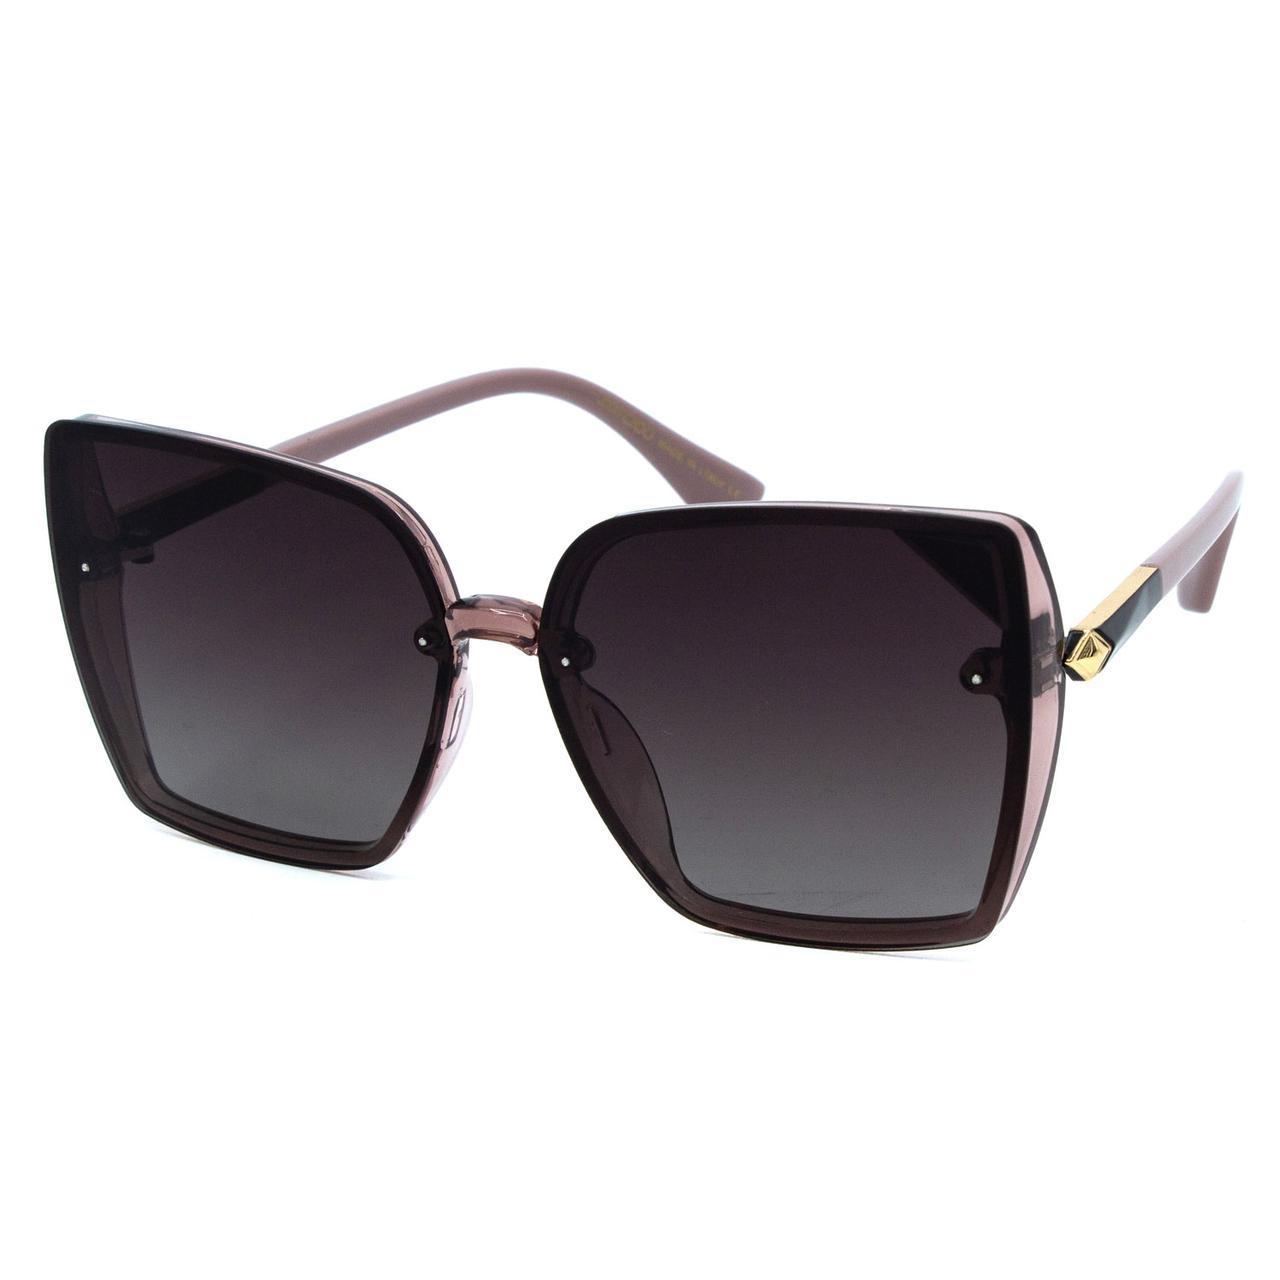 Солнцезащитные очки JC R9965 C4 сиреневые     ( R9965-04 )